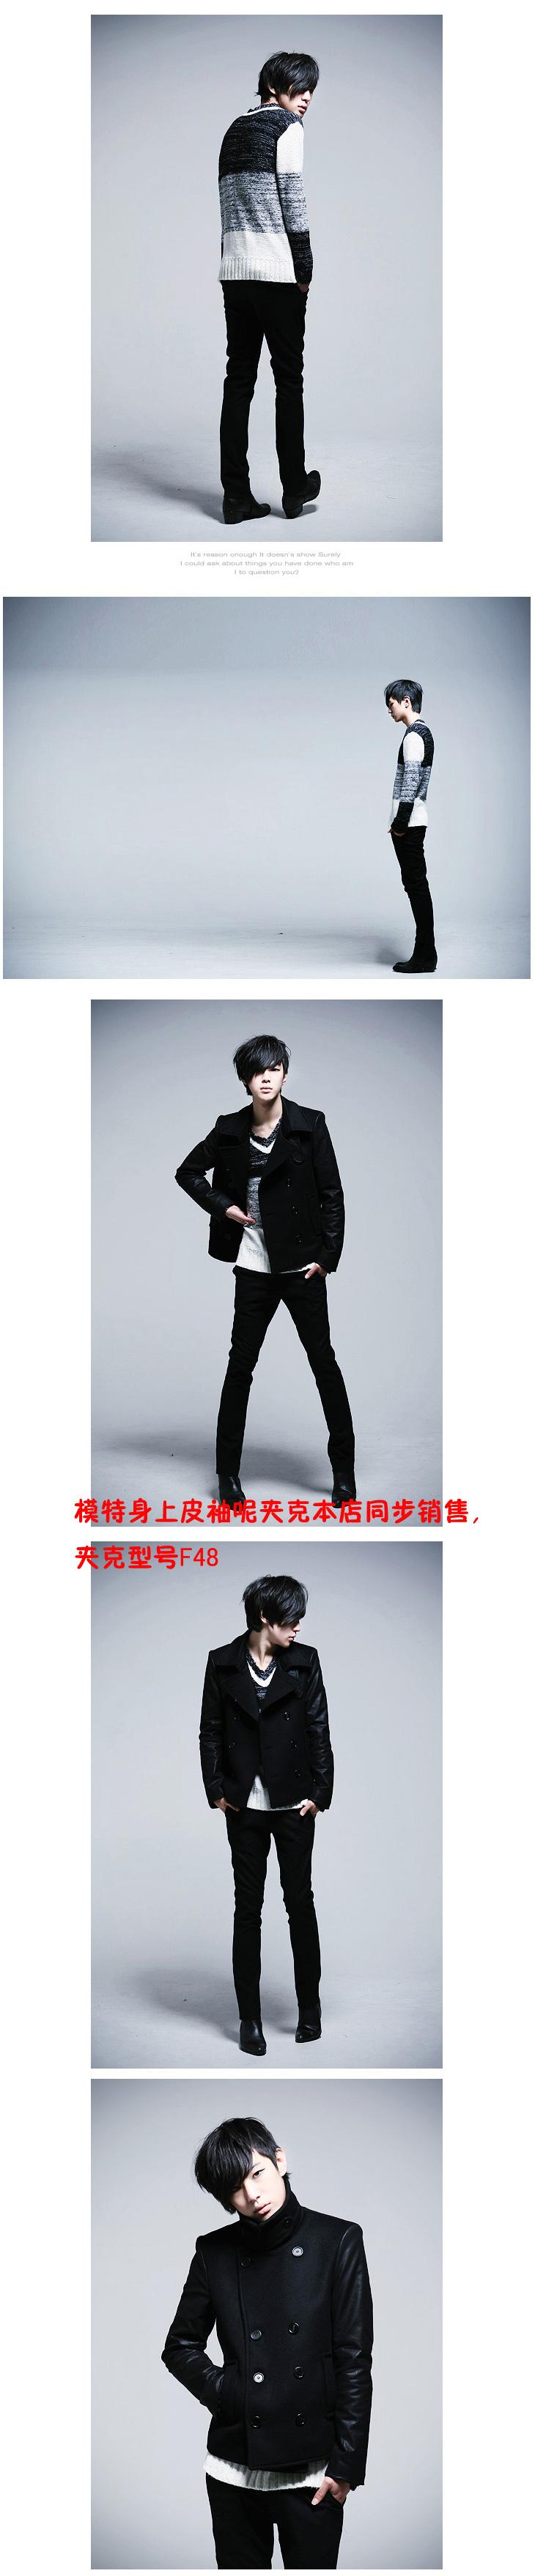 เสื้อผ้าผู้ชาย   เสื้อกันหนาว เสื้อแขนยาว แฟชั่นเกาหลี